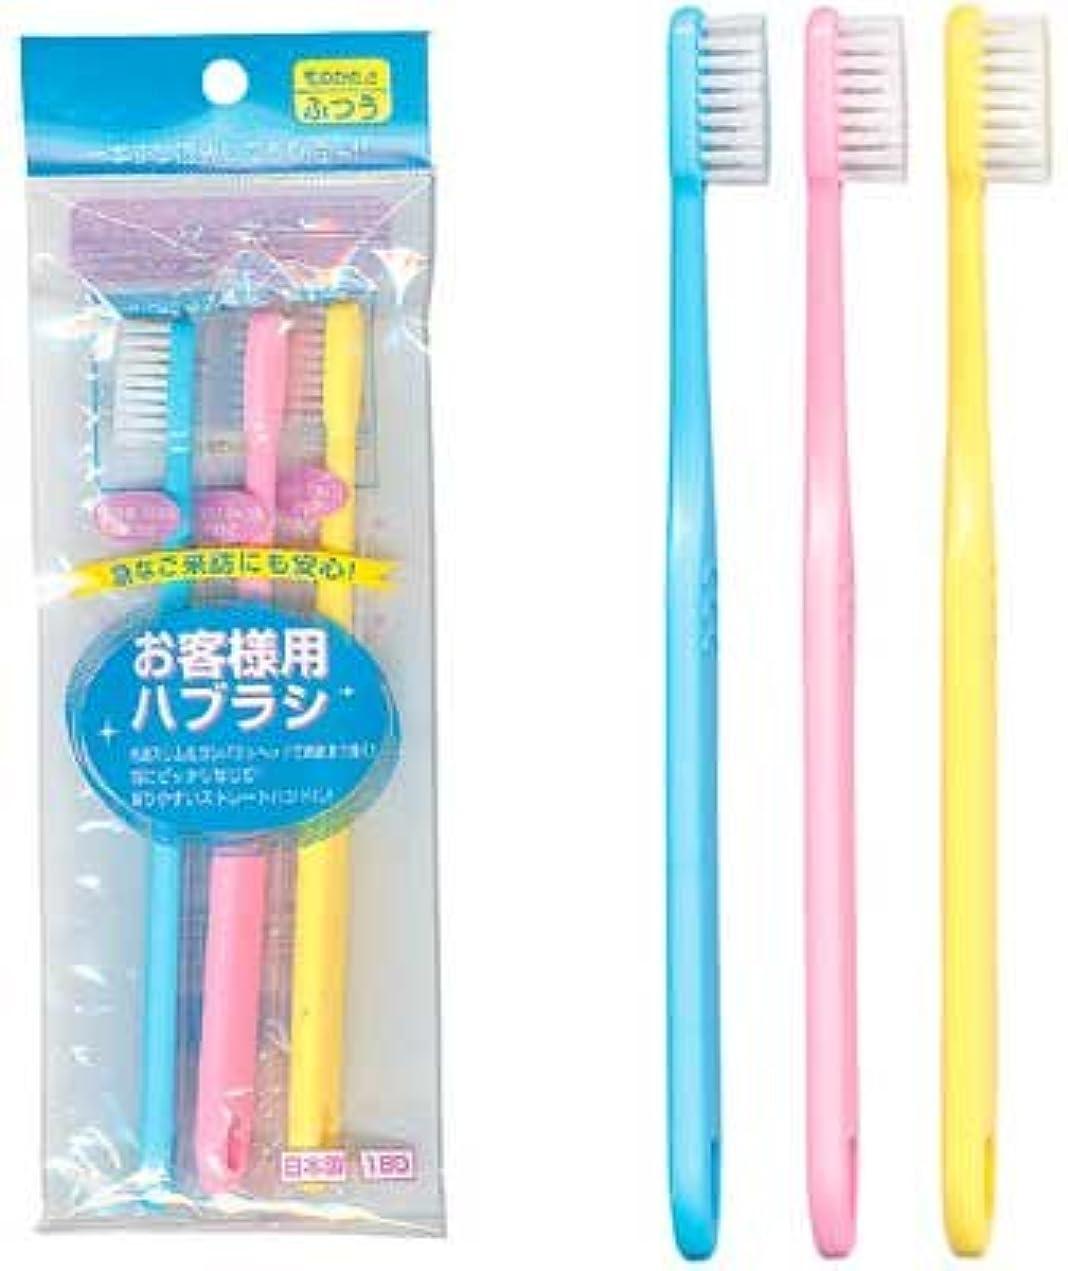 行進絶妙カウンターパートお客様用歯ブラシ(3P) 【まとめ買い12個セット】 41-006